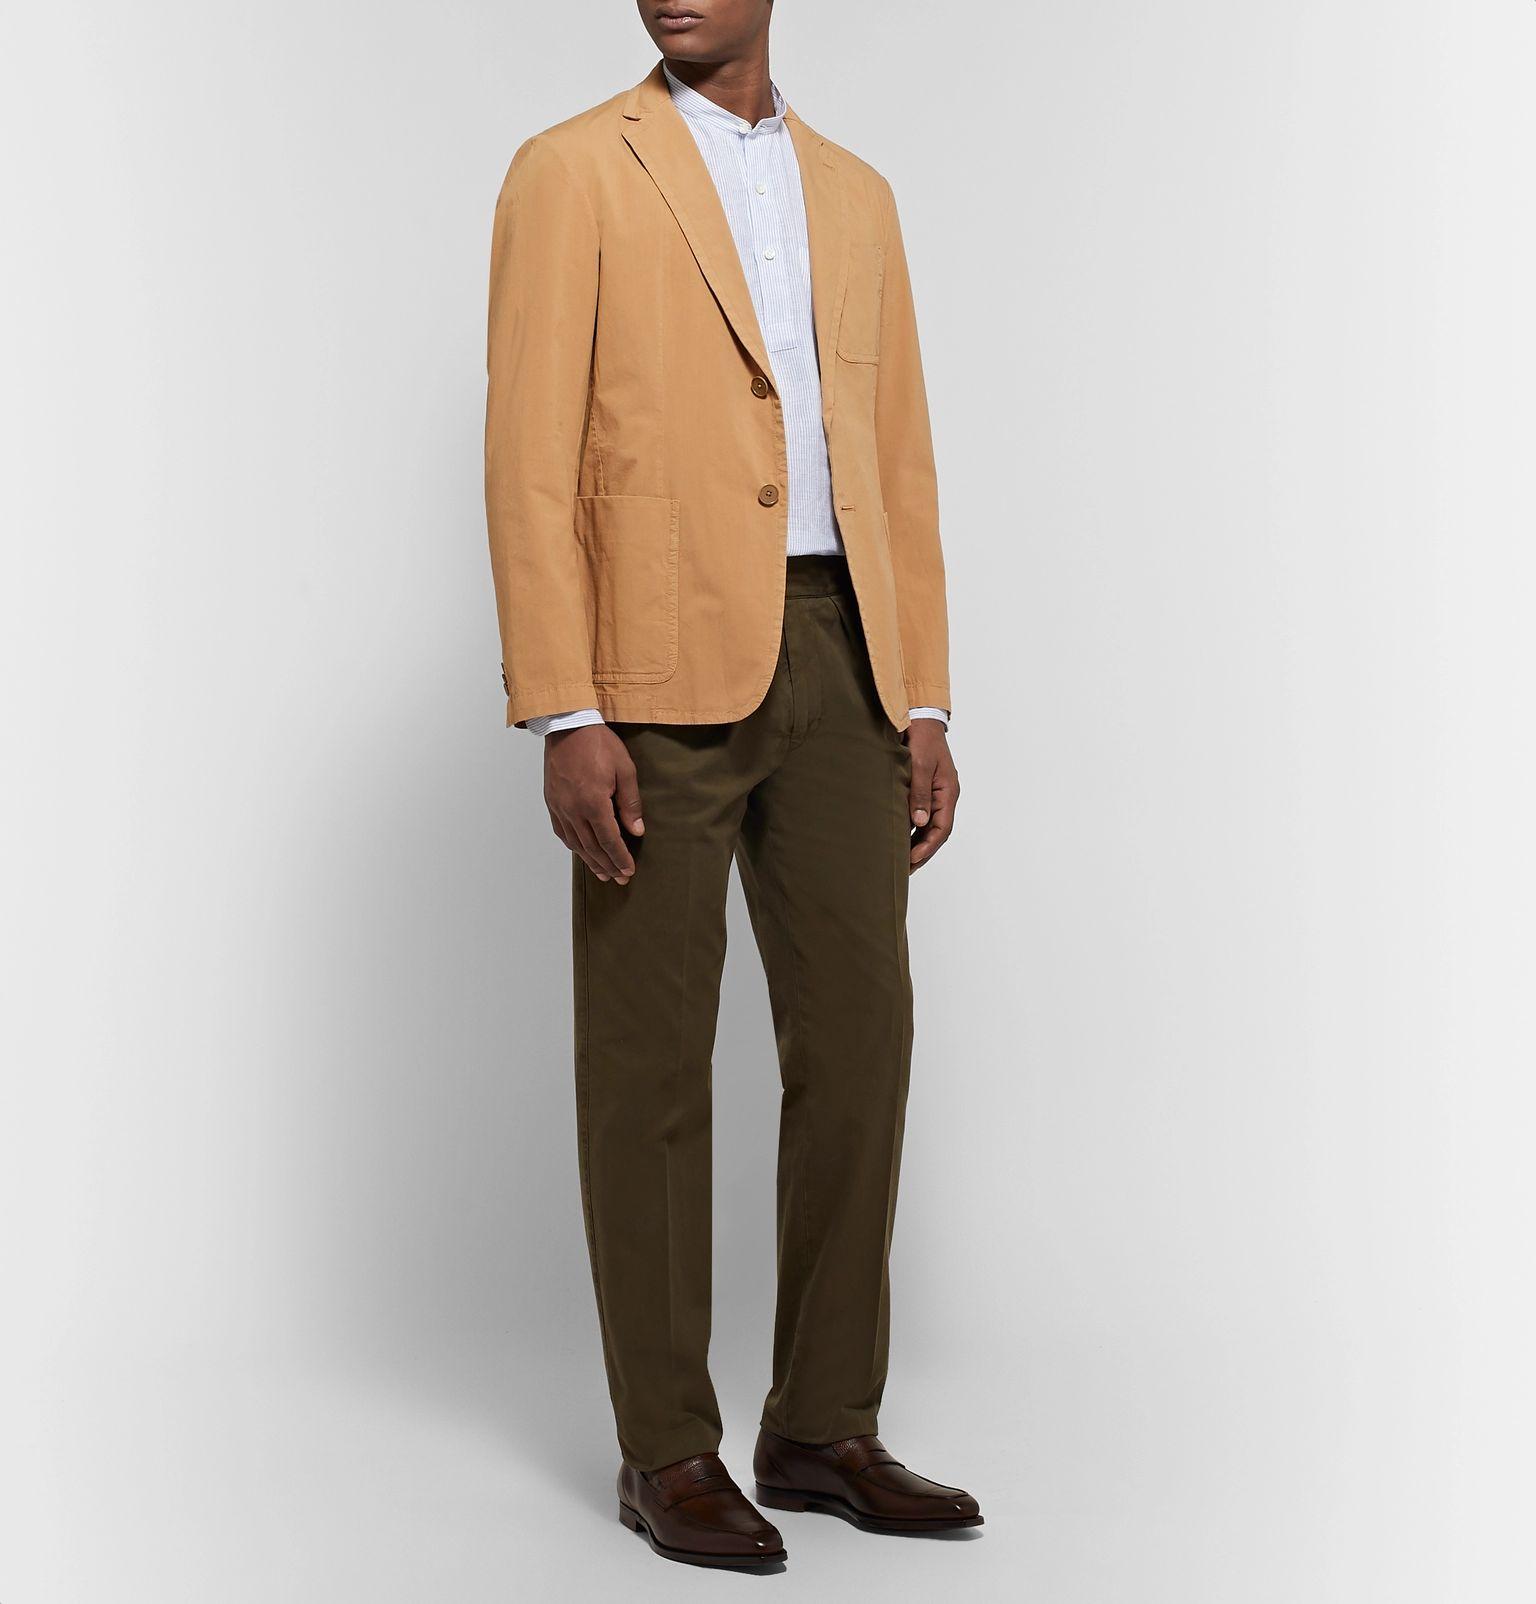 Sur cet exemple, une veste de longueur classique aurait placé le point de boutonnage actif beaucoup trop haut par rapport au bas de la veste.